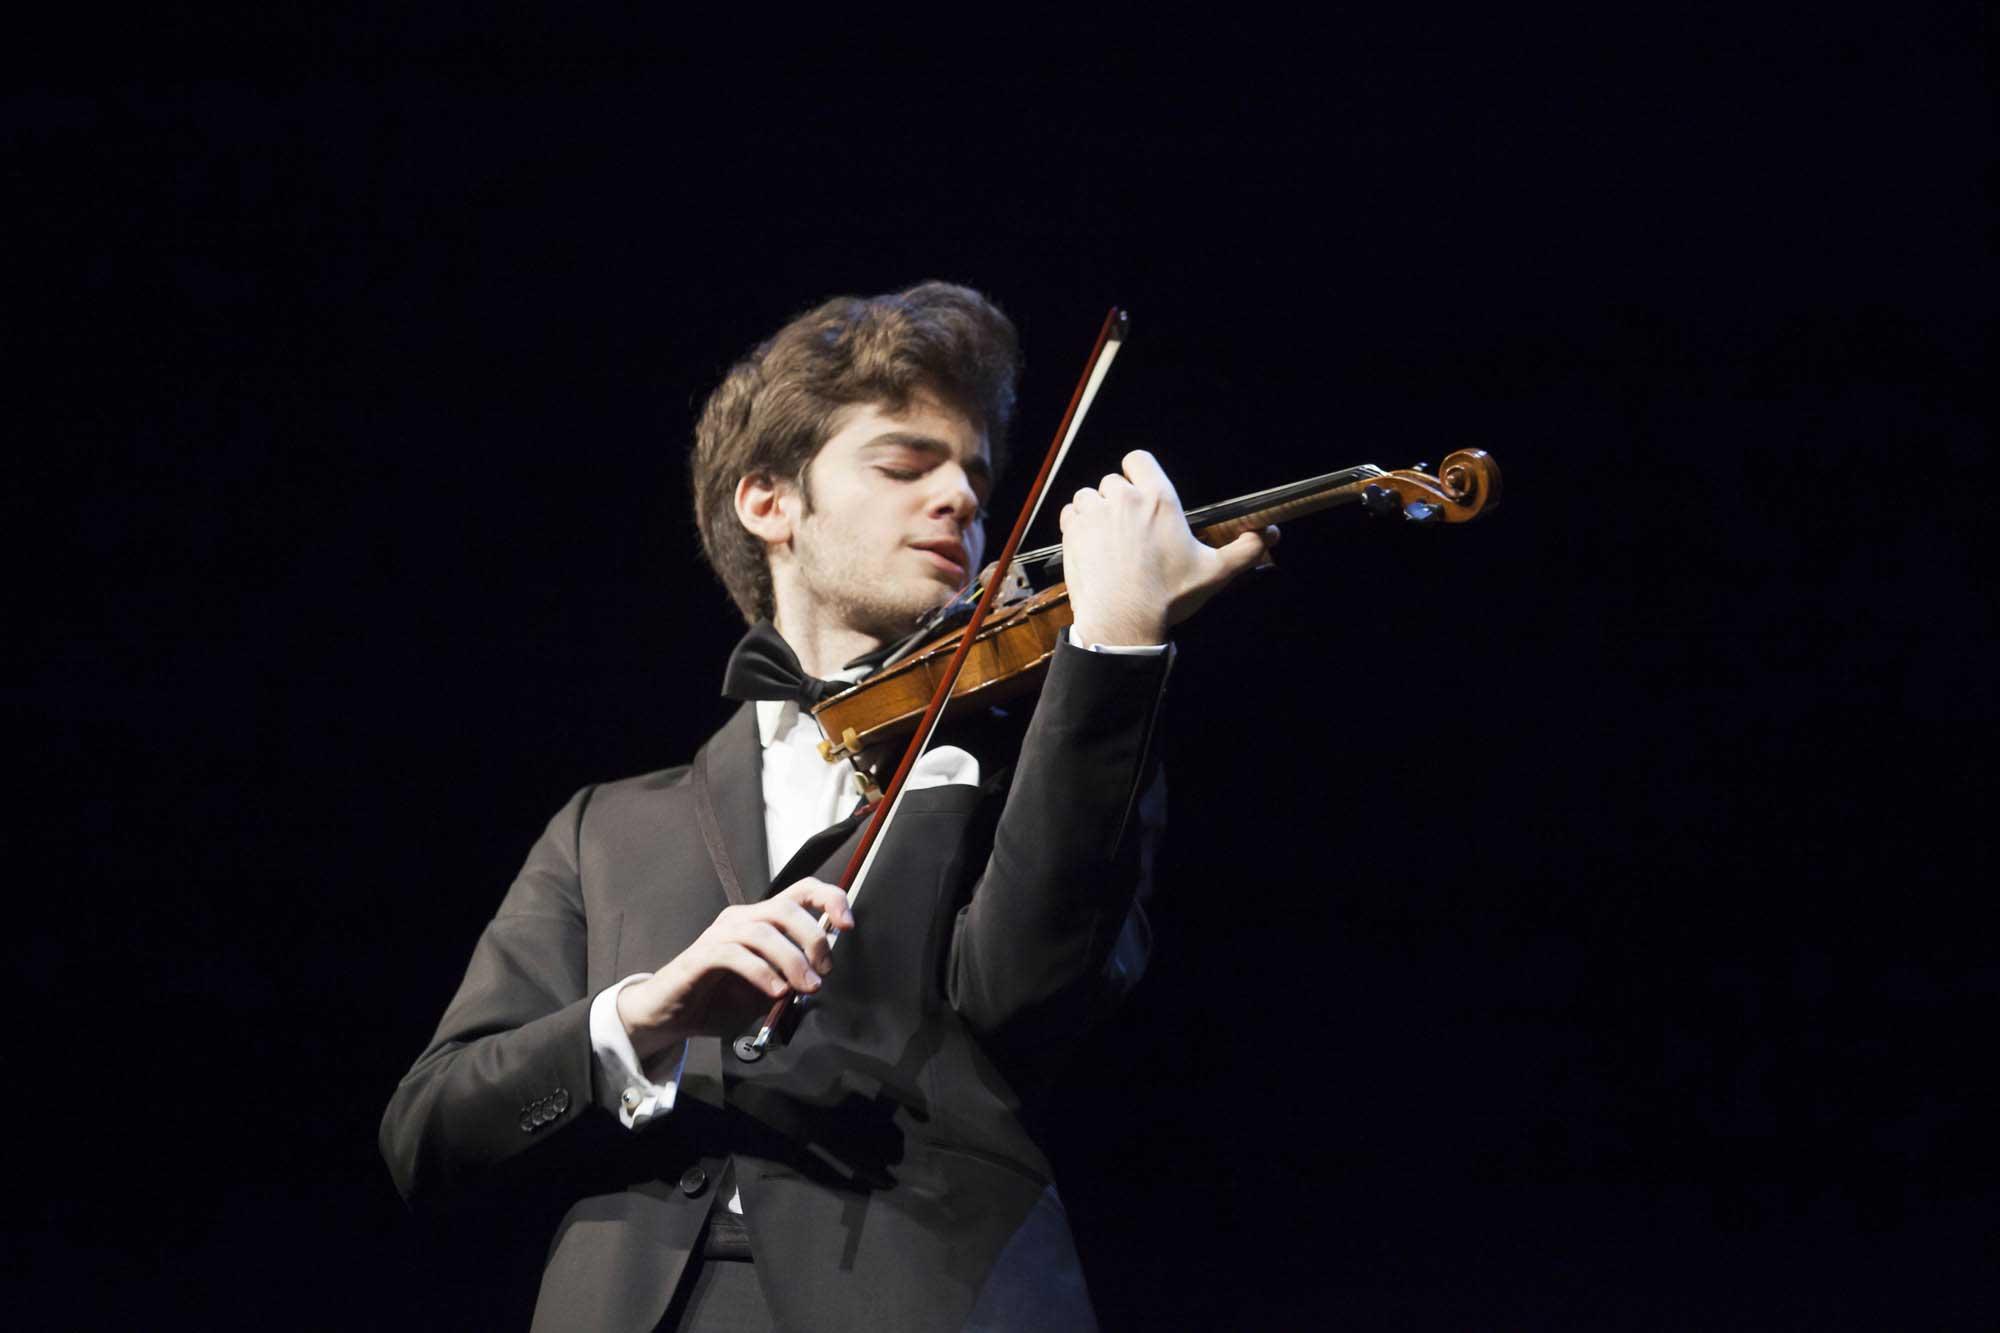 Violinisten Emmanuel Tjeknavorian som tog andra plats i Sibelustävlingen uppträder på Hangö Musikdagar.